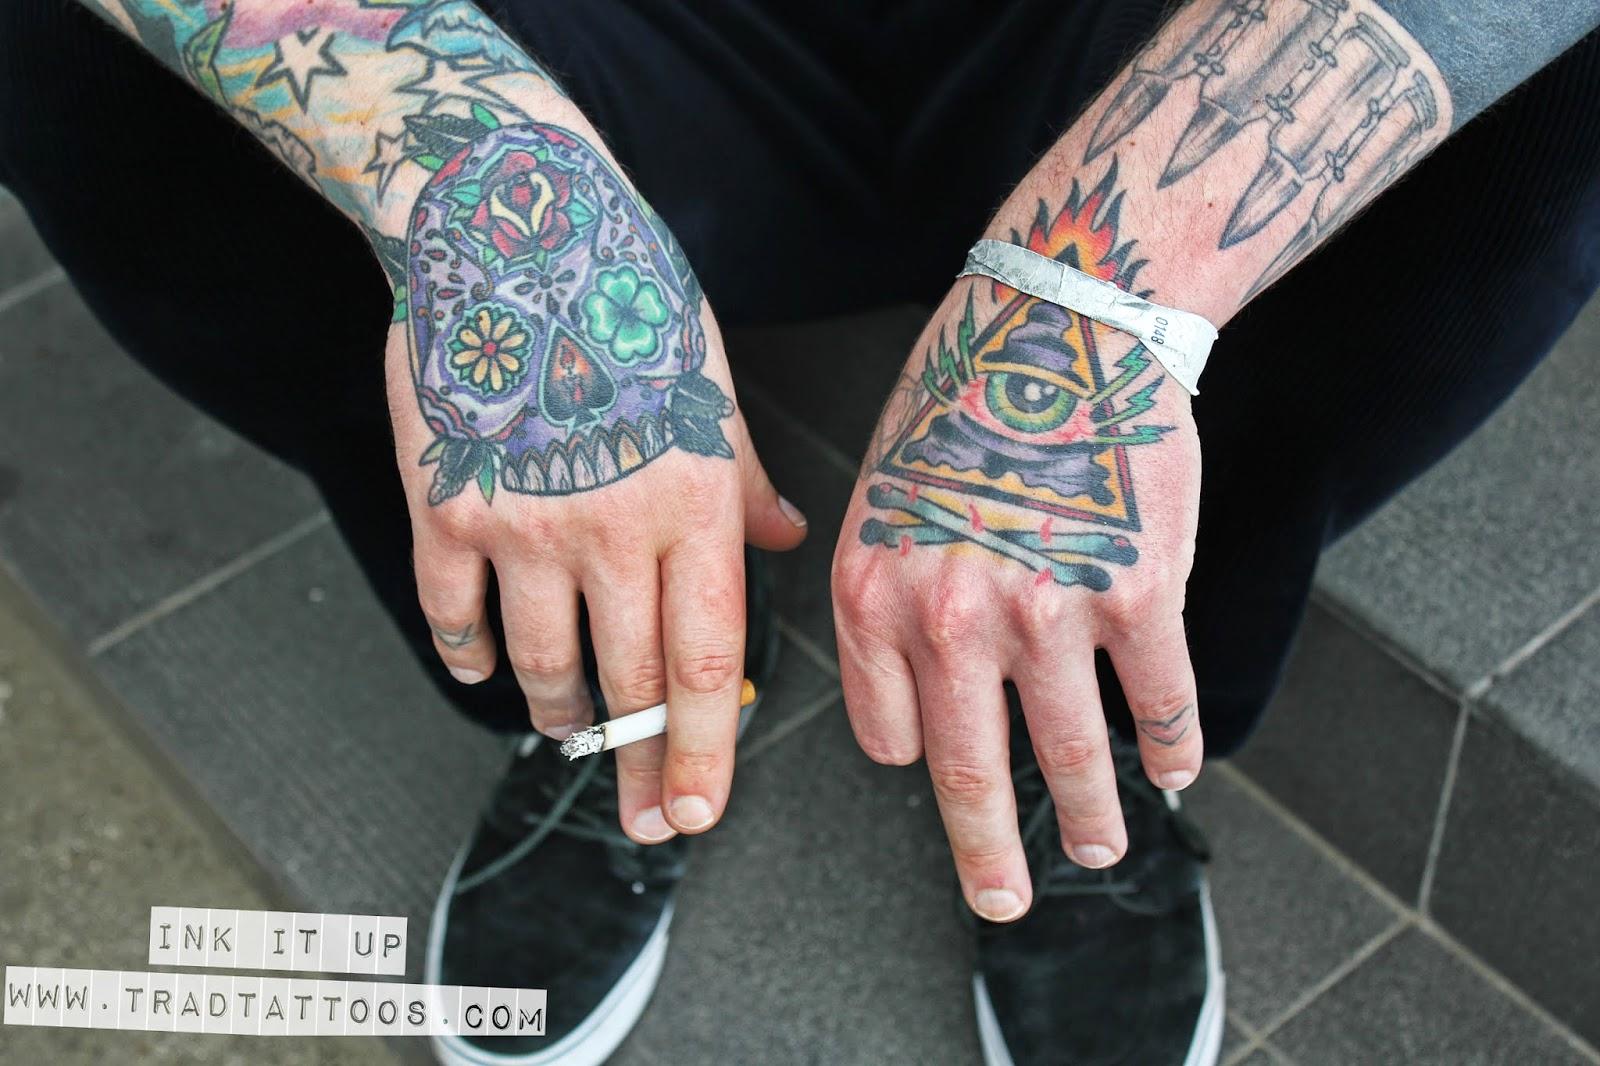 http://2.bp.blogspot.com/-QXLRDRk6LCc/U4is8QsGGaI/AAAAAAAACzk/nzJCgg9uNZI/s1600/1+IMG_9370.jpg